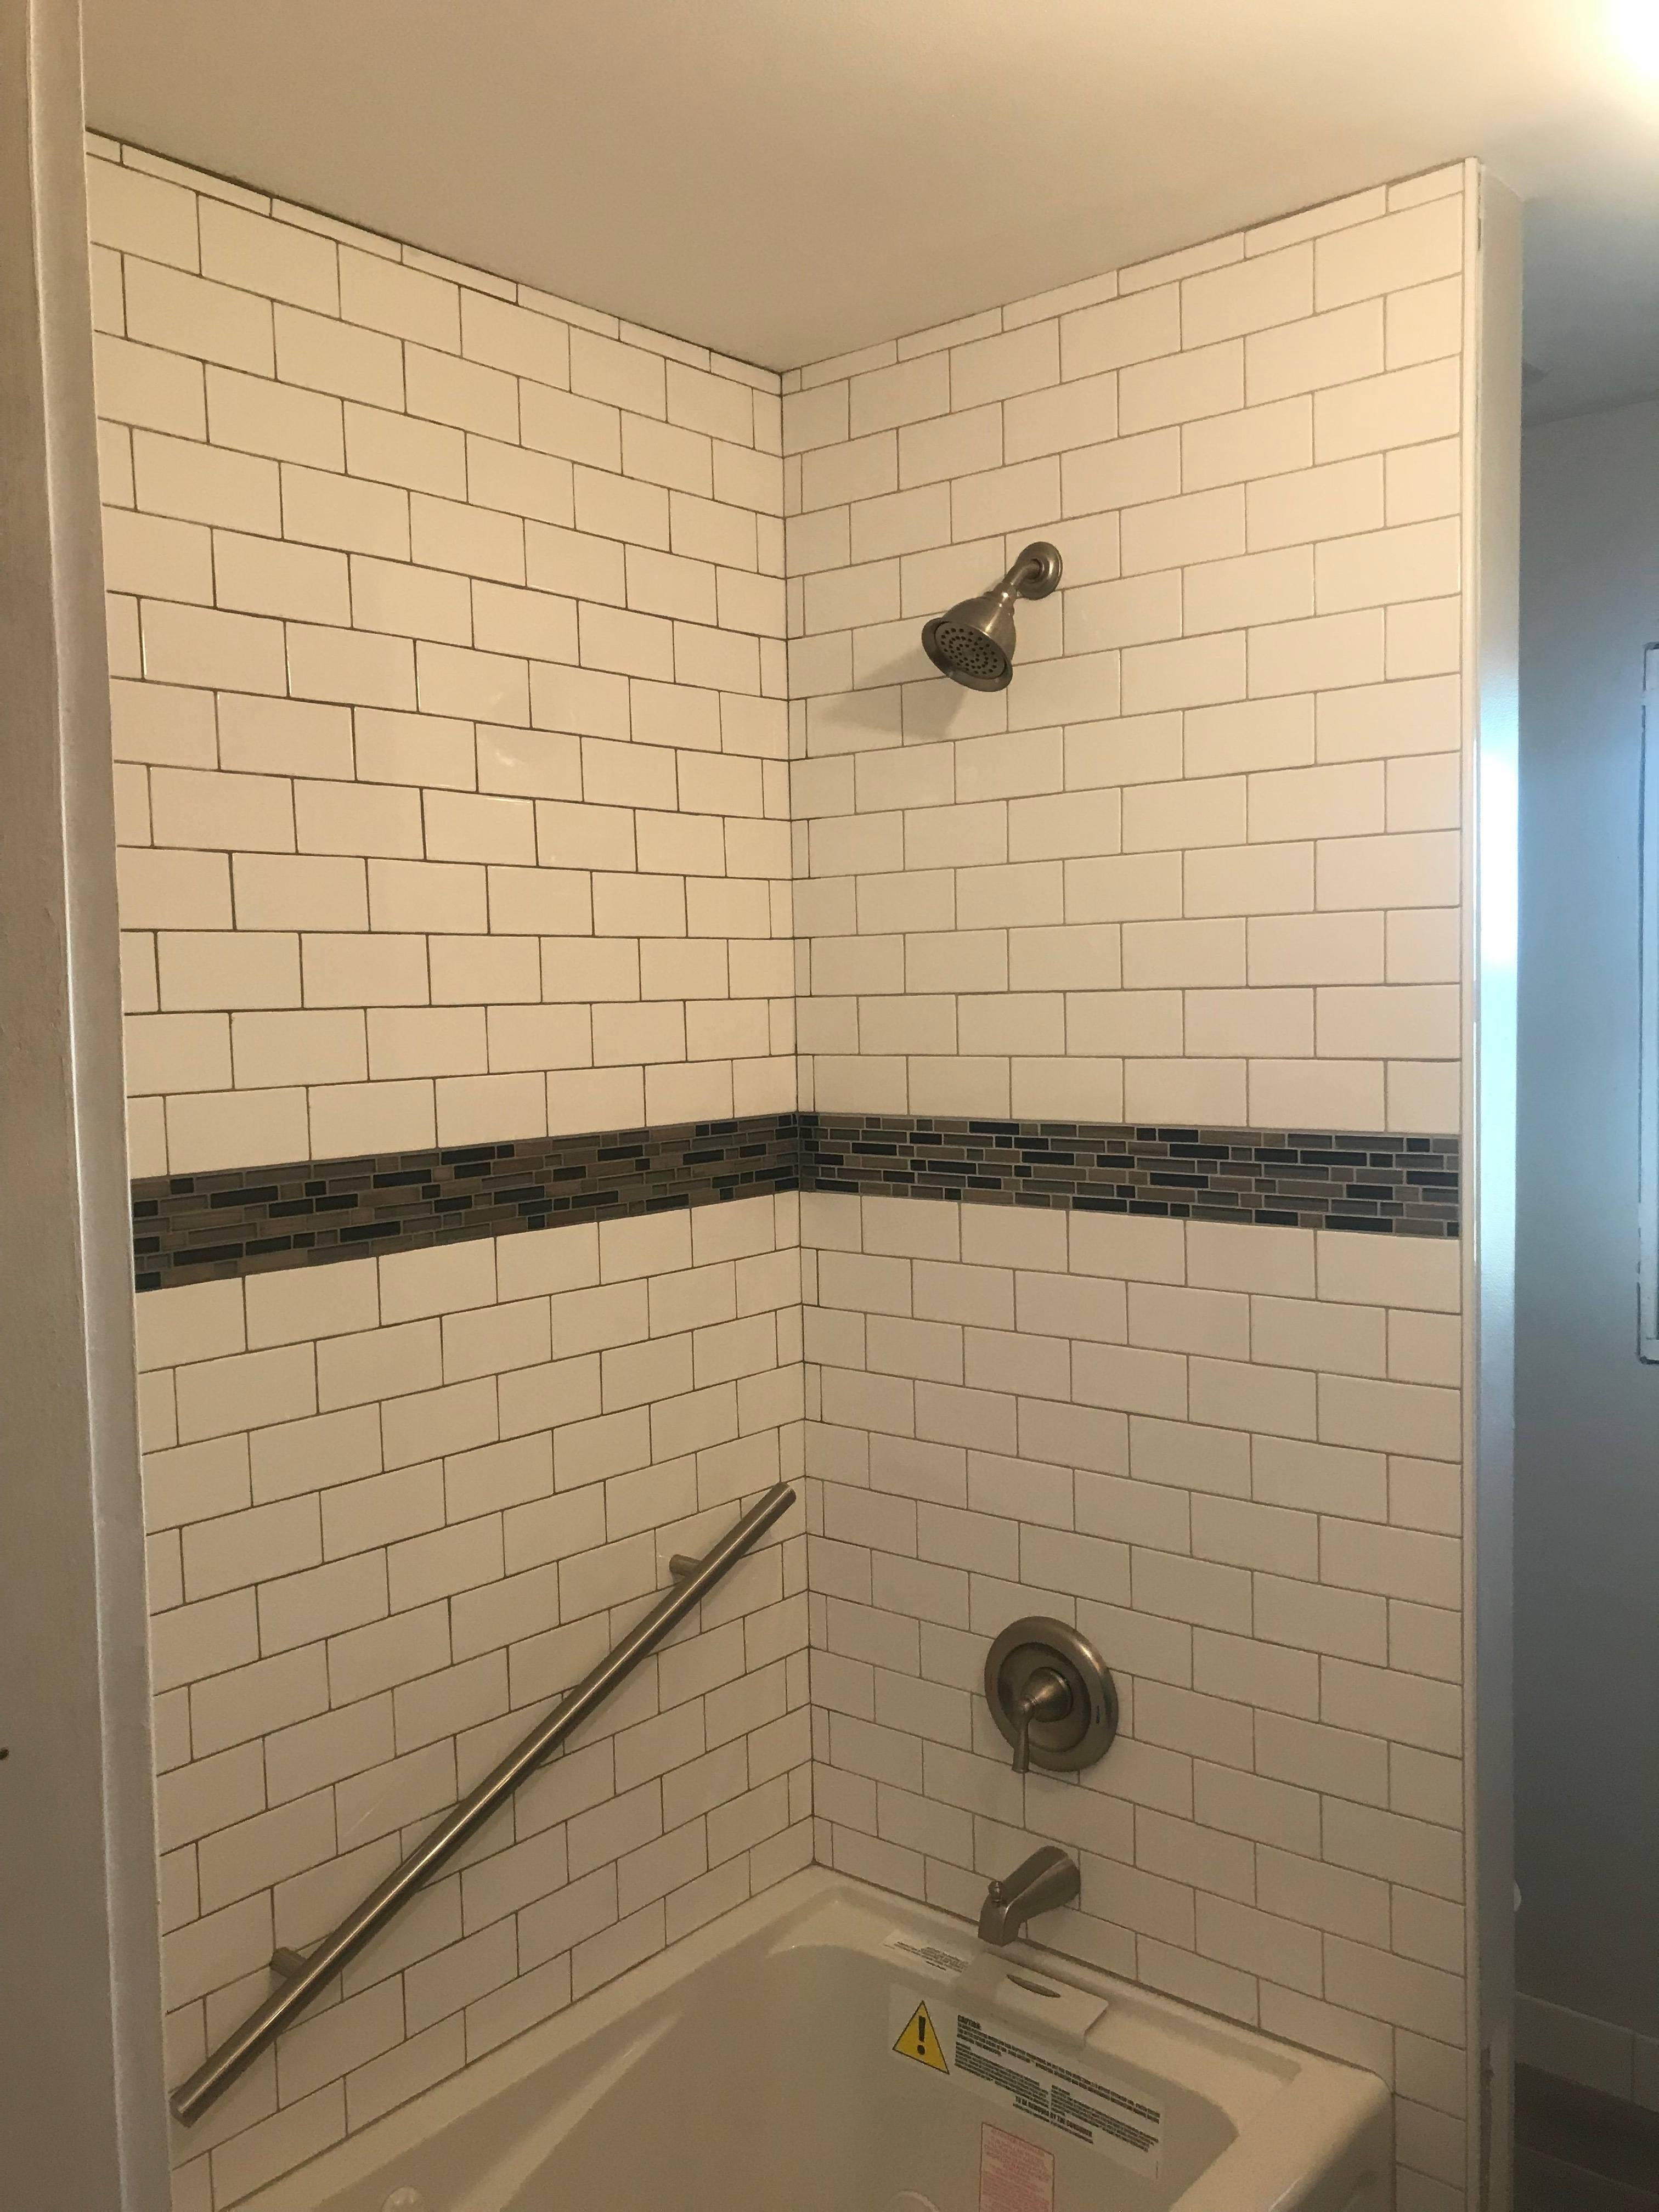 Eric Blumer Columbia Missouri Bathroom Remodel Tile Shower - Bathroom remodel columbia mo